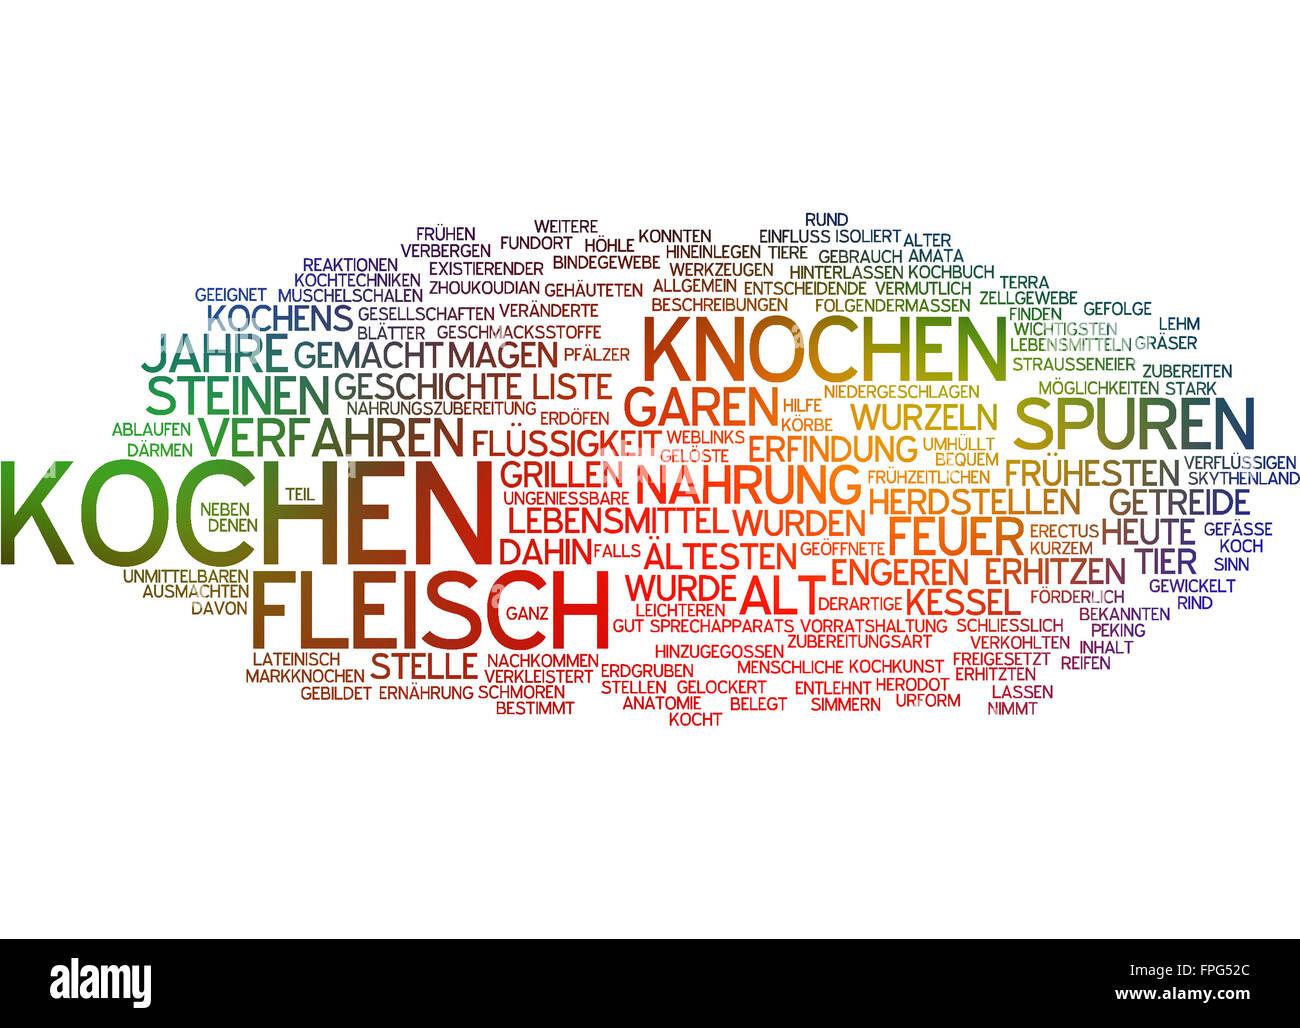 Kochen Knochen Fleisch Geschichte Essen Nahrung Stock Photo ...